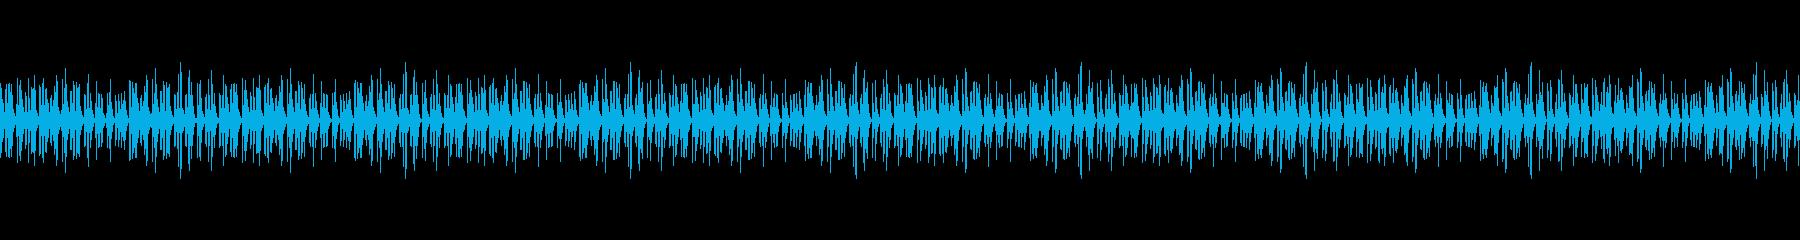 Vtuberの配信 雑談向けBGM 11の再生済みの波形